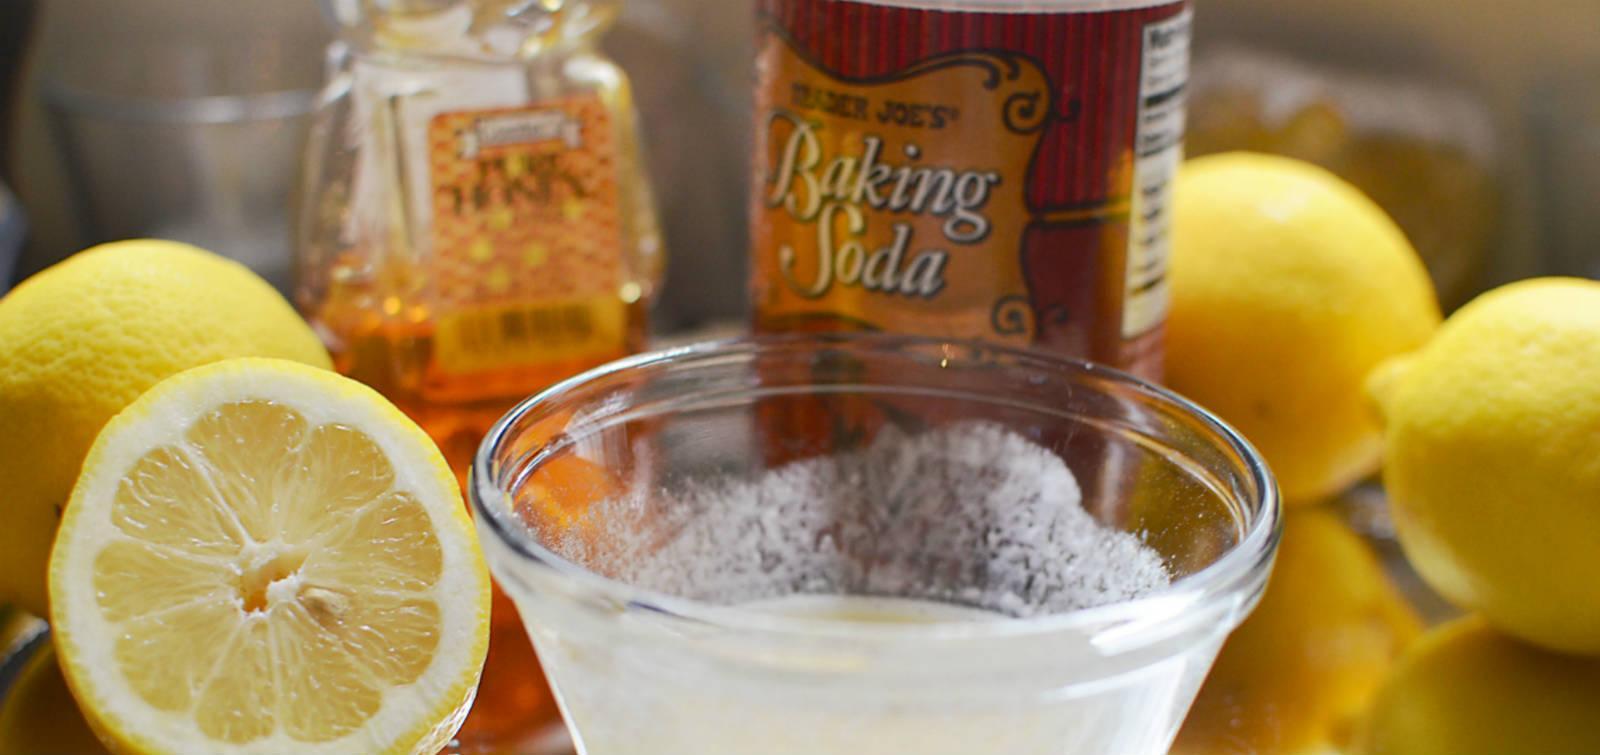 làm trắng móng tay với chanh và baking soda